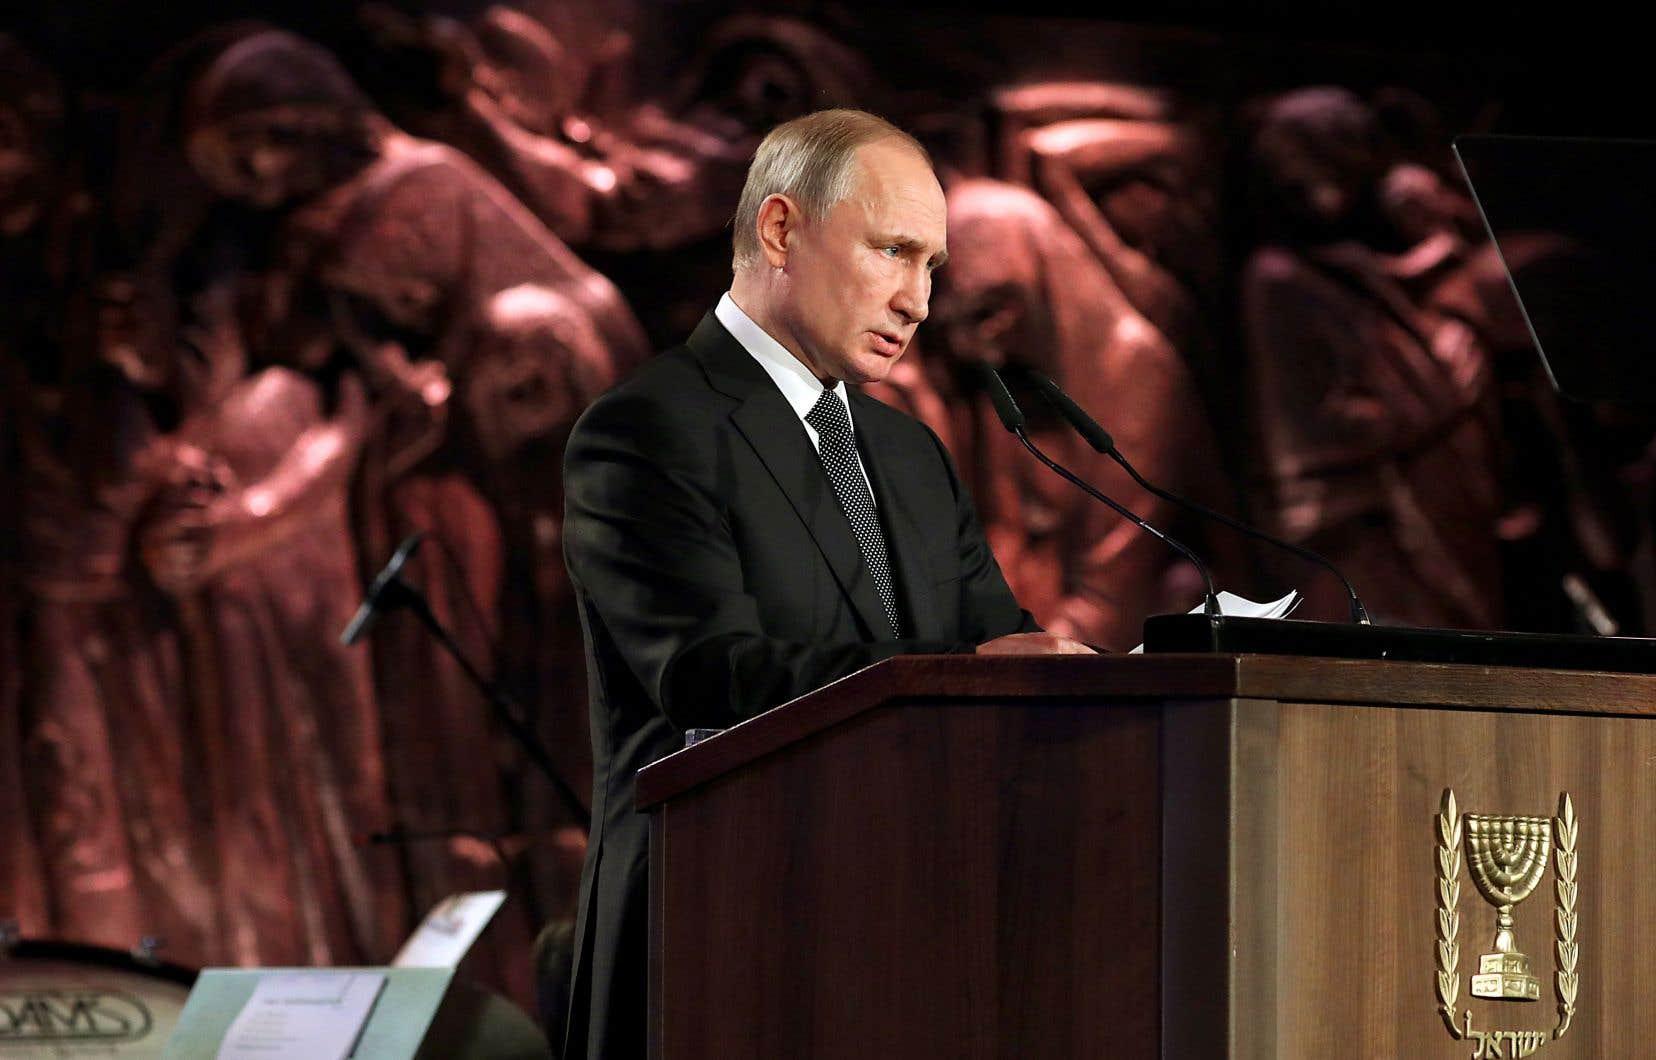 Dans un événement parrainé par un milliardaire proche du Kremlin, Moshé Kantor, Vladimir Poutine a été invité à prononcer deux discours alors que son homologue polonais s'est vu interdire d'en prononcer un seul.